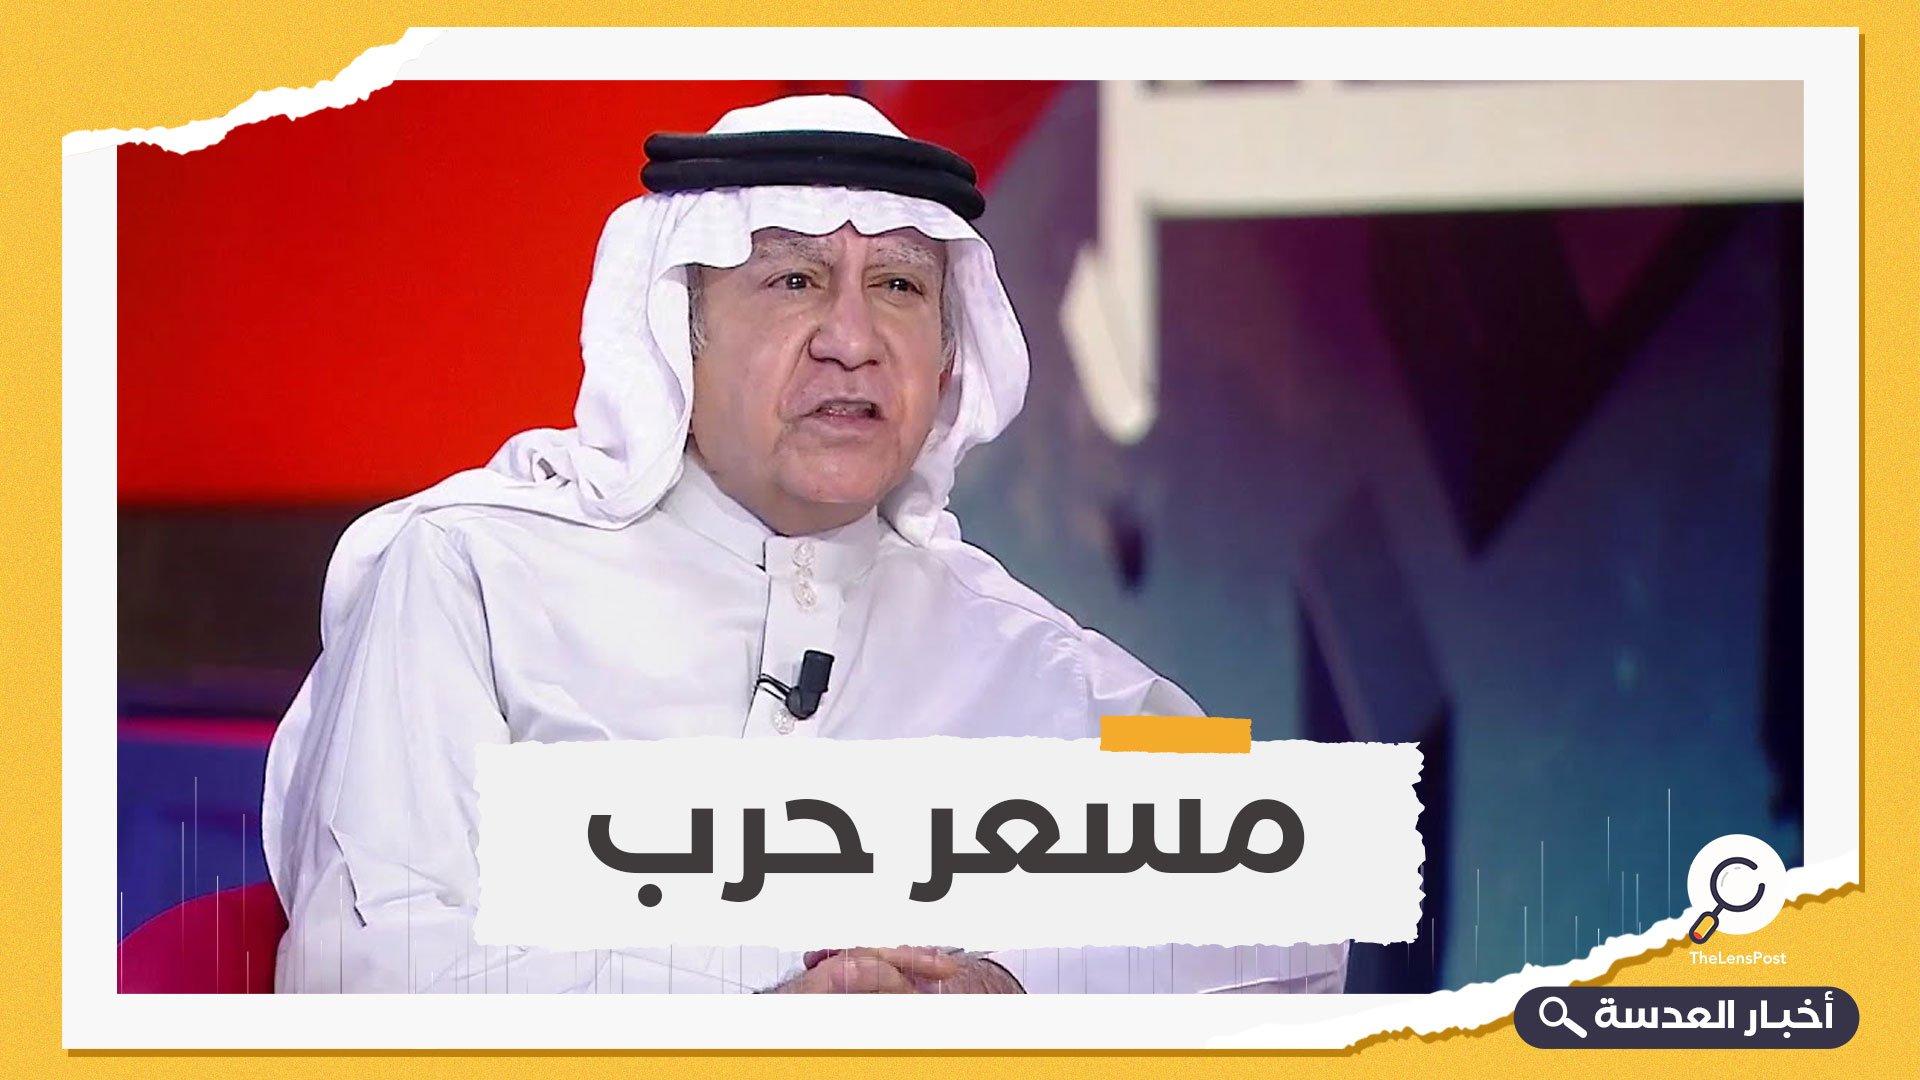 محاولة إشعال الفتنة .. كاتب سعودي مقرب من بن سلمان يهاجم قطر تزامنا مع أنباء المصالحة